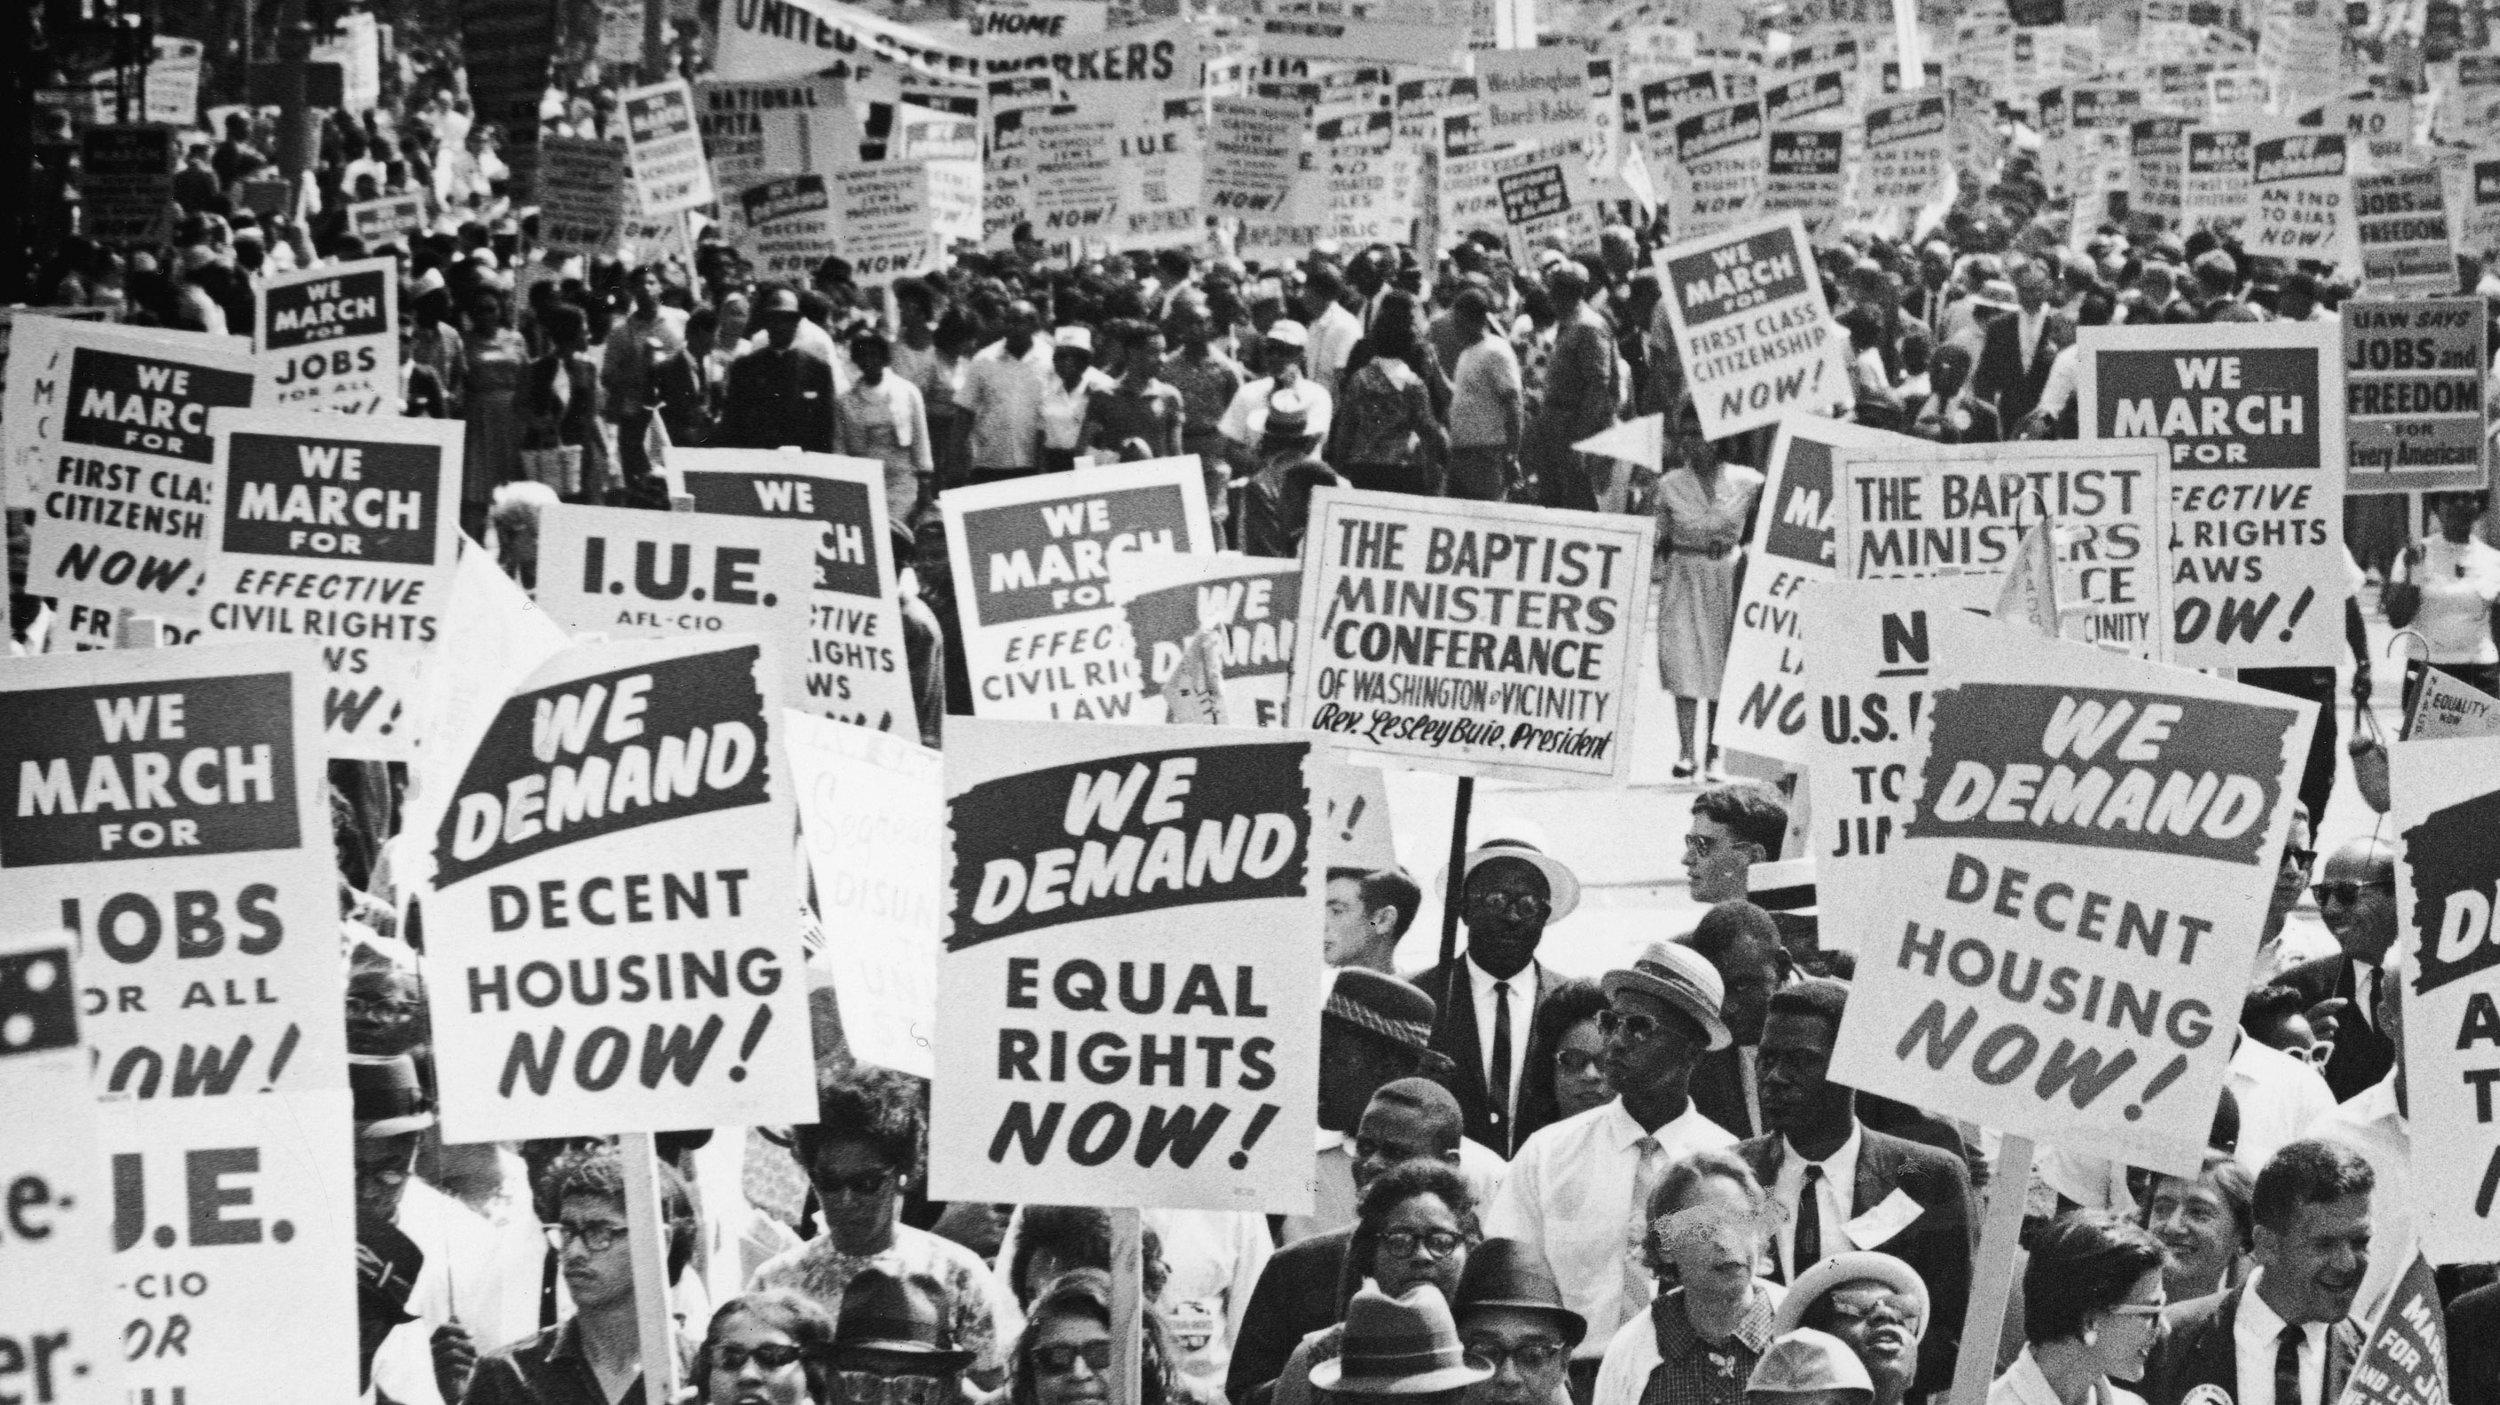 Civil Rights litter - Velvet Dandy´s Malcolm XVelvet Dandy´s Martin Luther King  Velvet Dandy´s Rosa ParksVelvet Dandy´s Dorothy Cotton  Velvet Dandy´s SeptimaClark